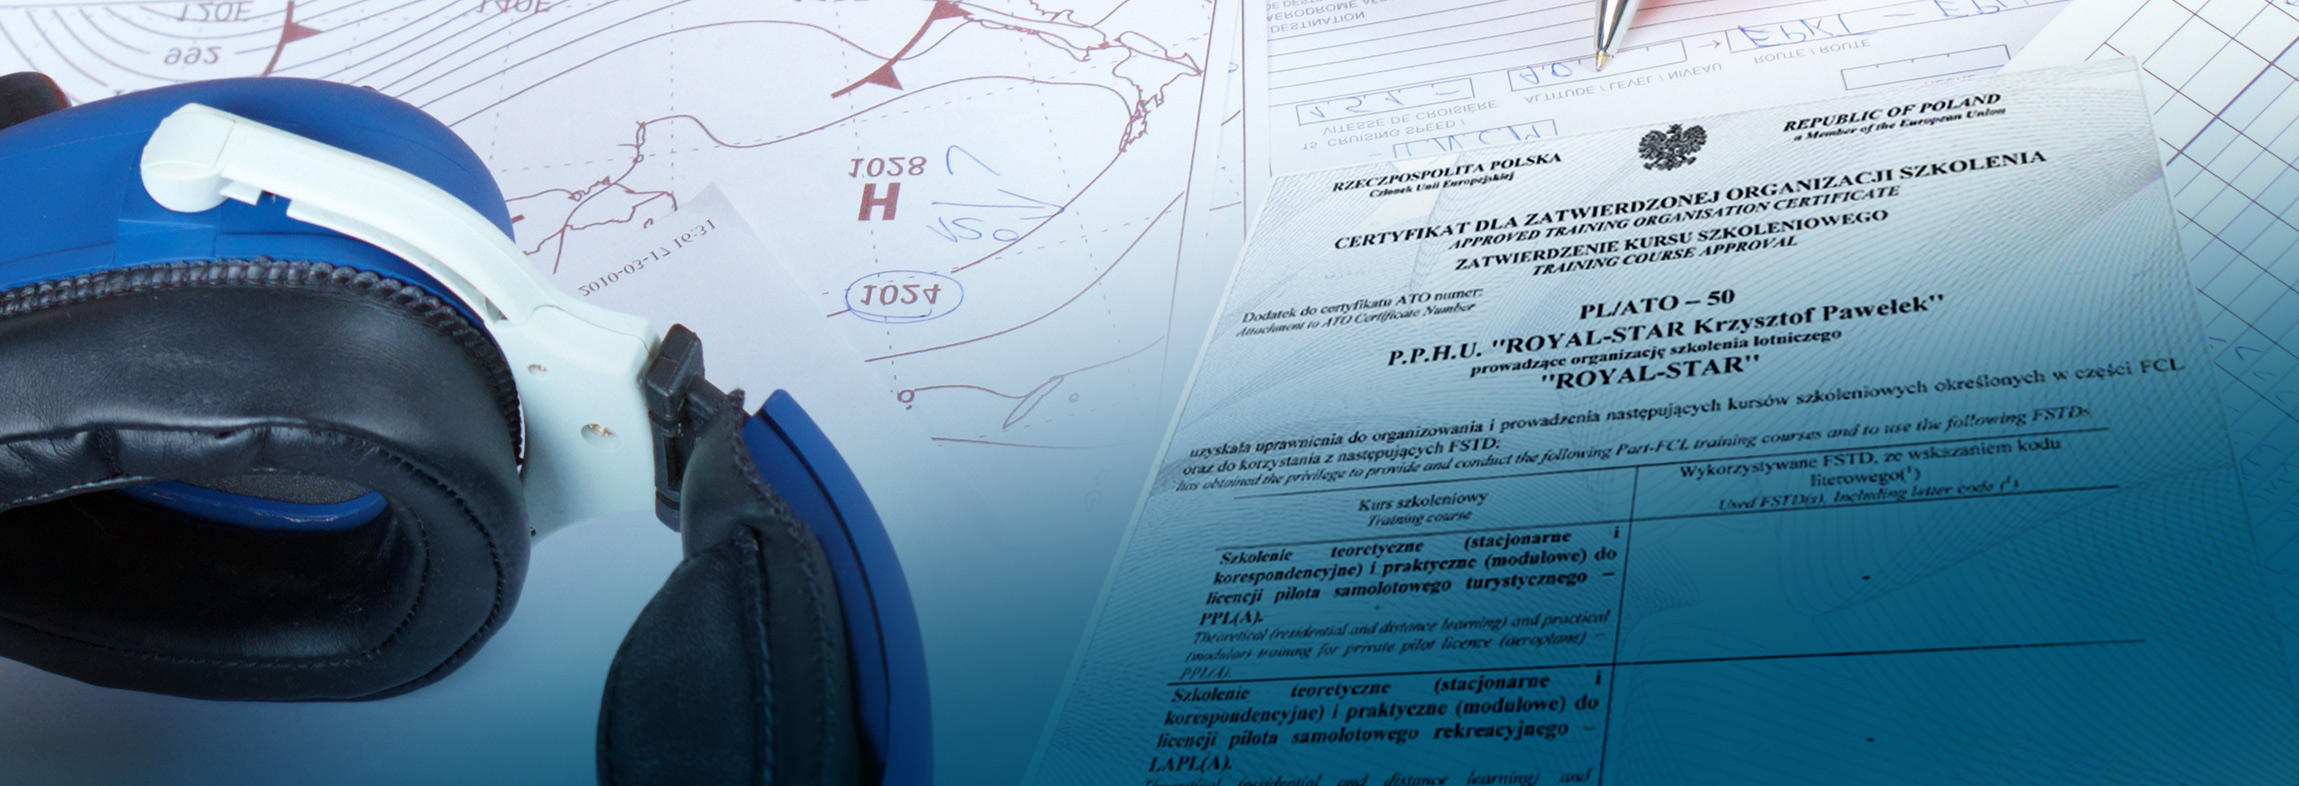 Certyfikaty ATO